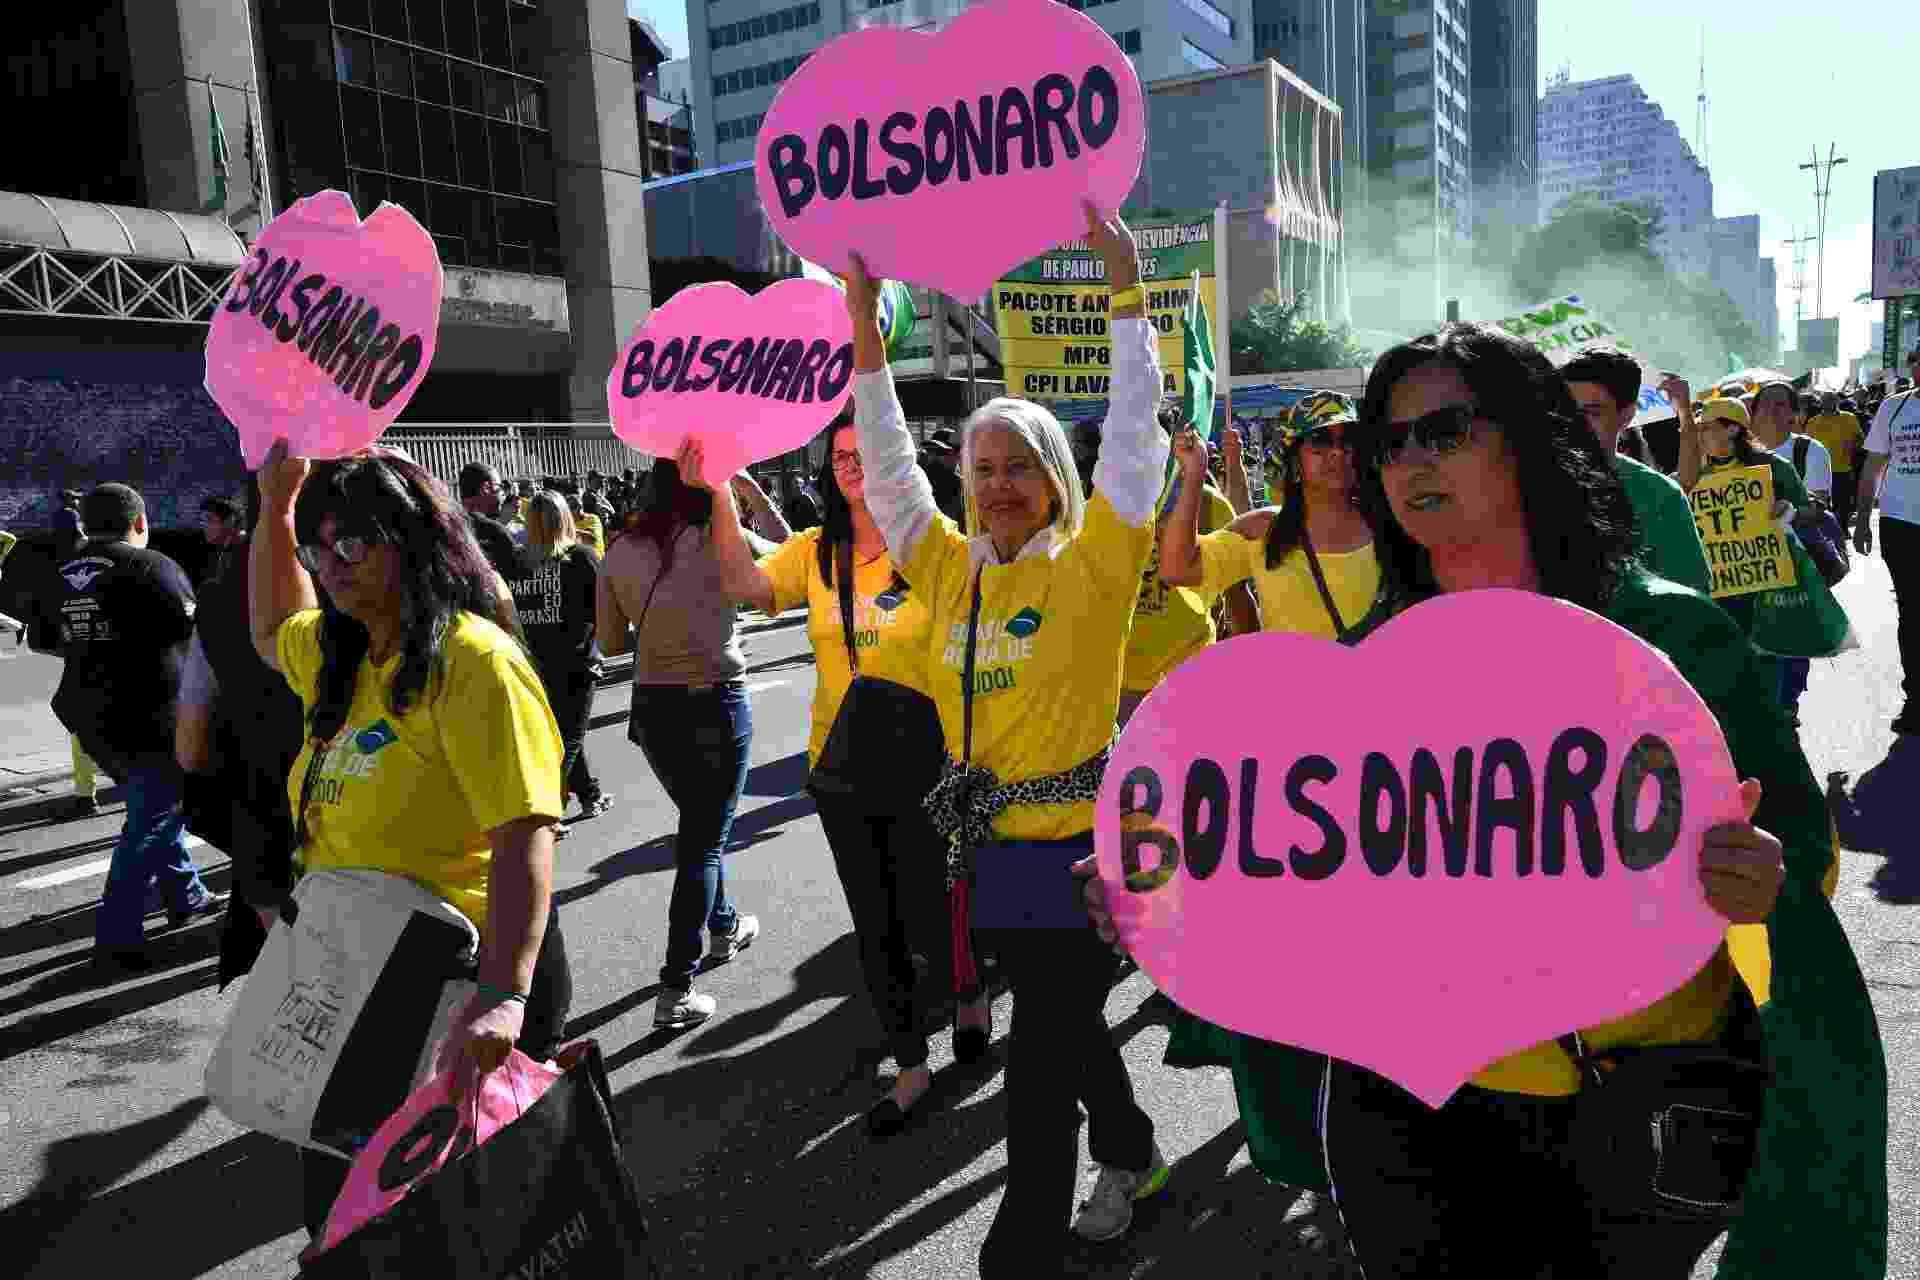 26.mai.2019 - Manifestantes carregam corações com o nome de Bolsonaro na avenida Paulista - Nelson Almeida/AFP